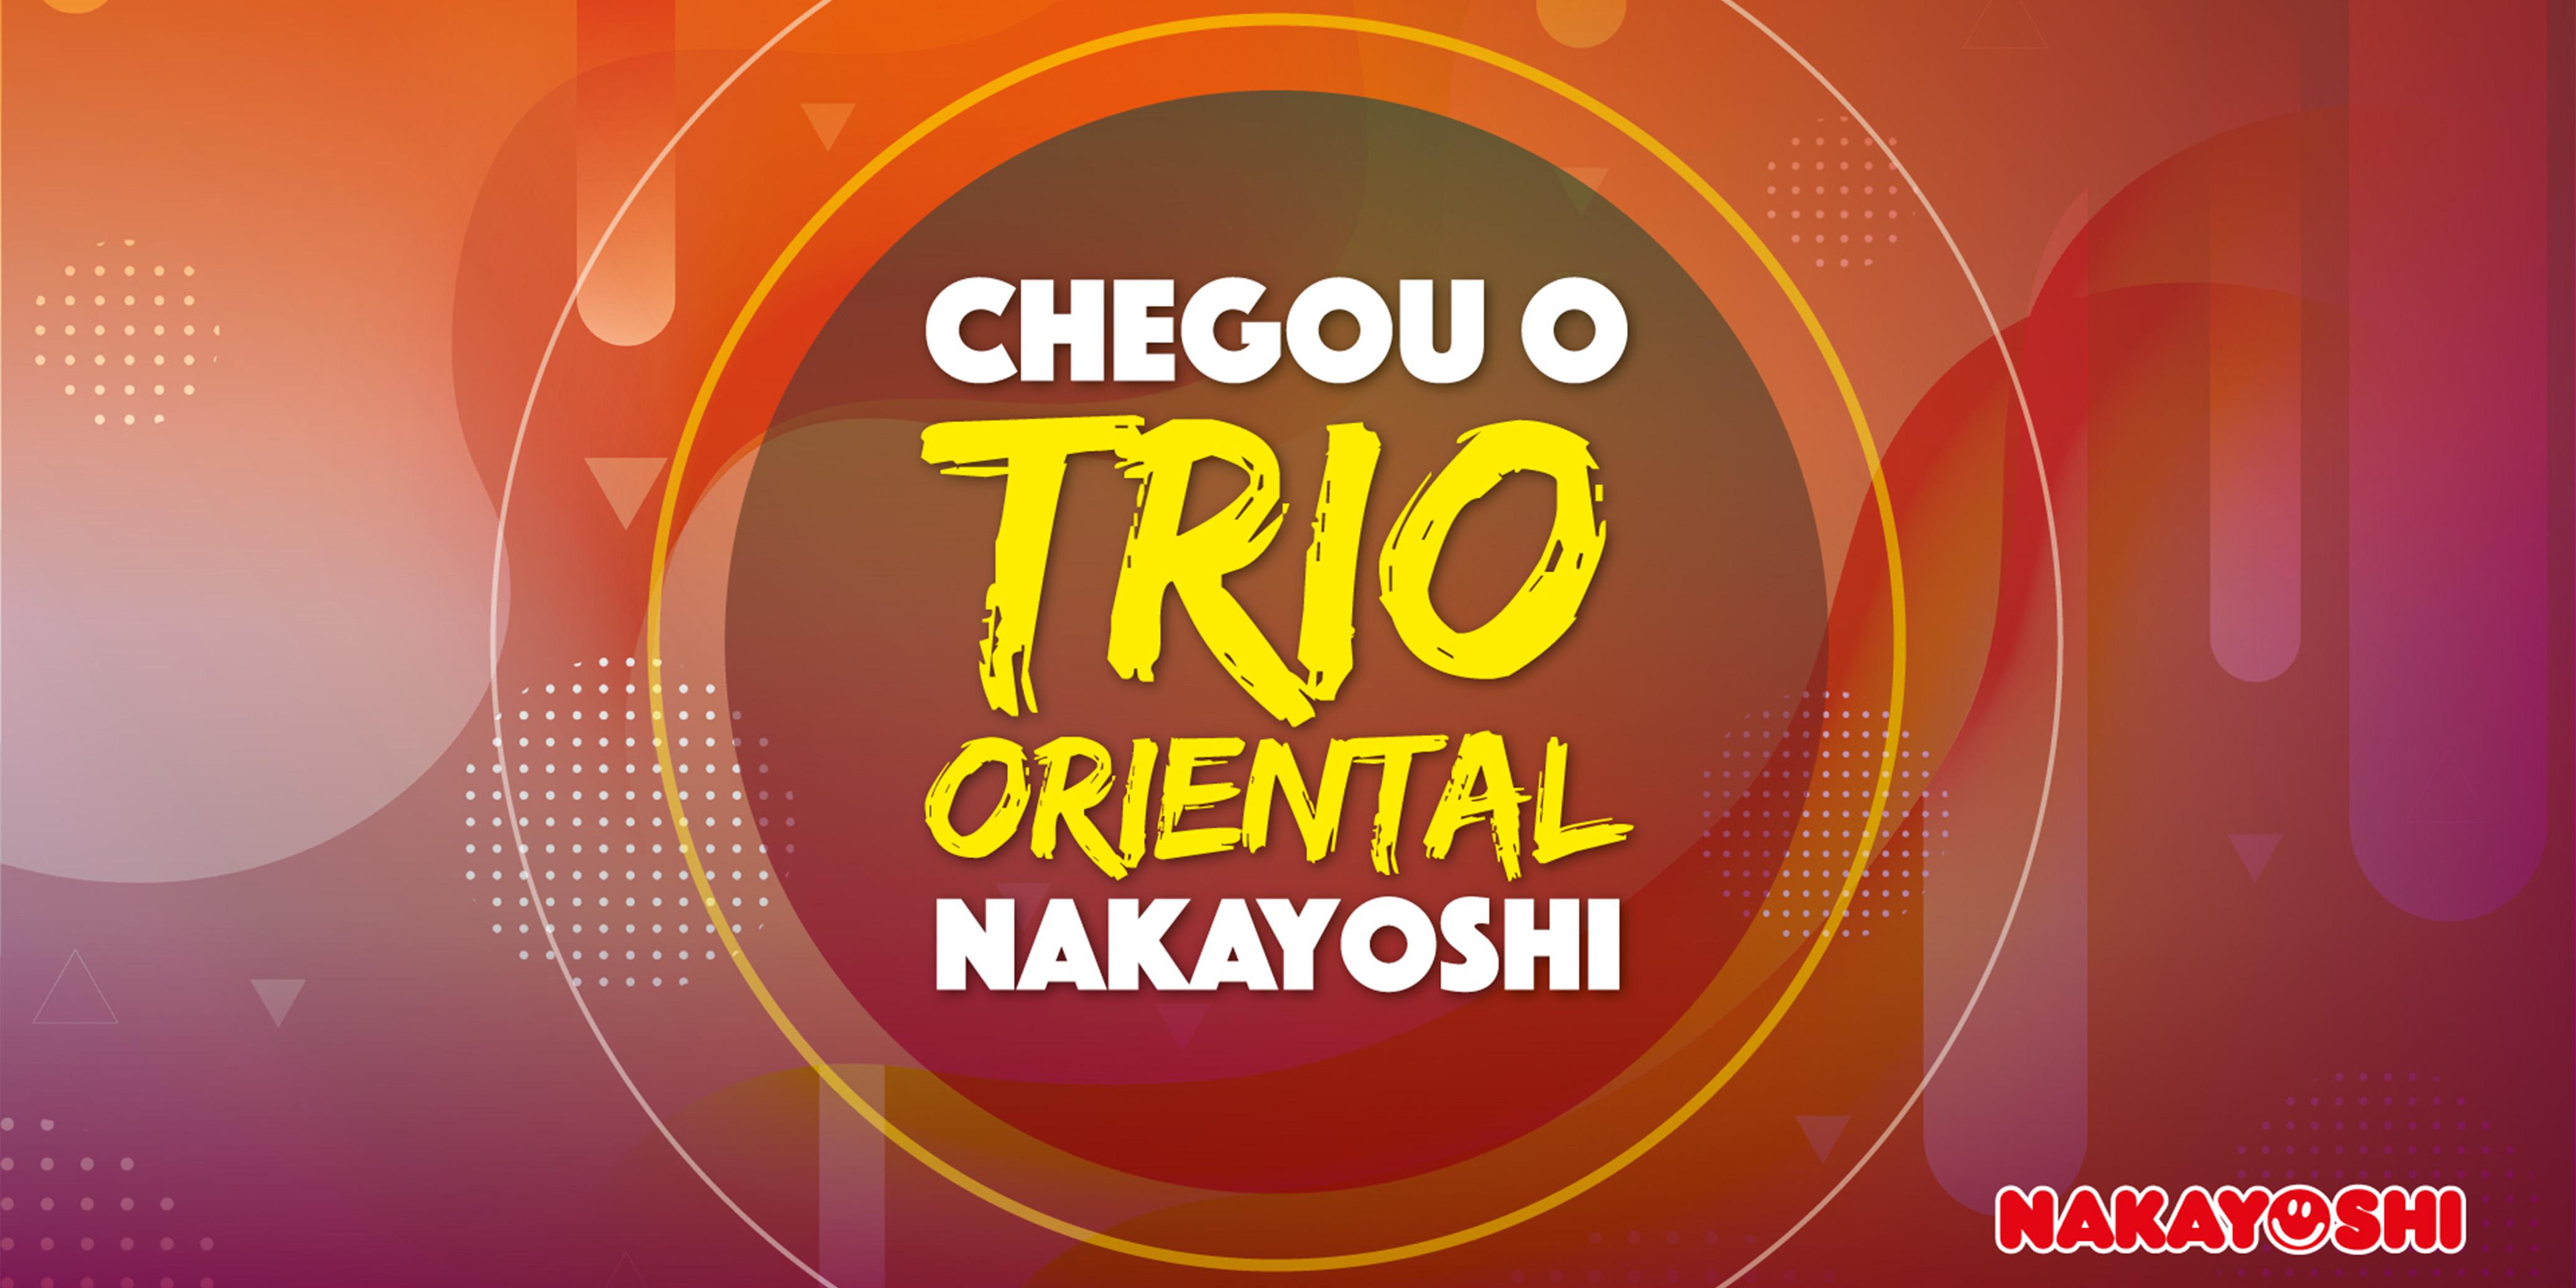 Restaurante Japonês Nakayoshi tem novidade: Trio Oriental Nakayoshi